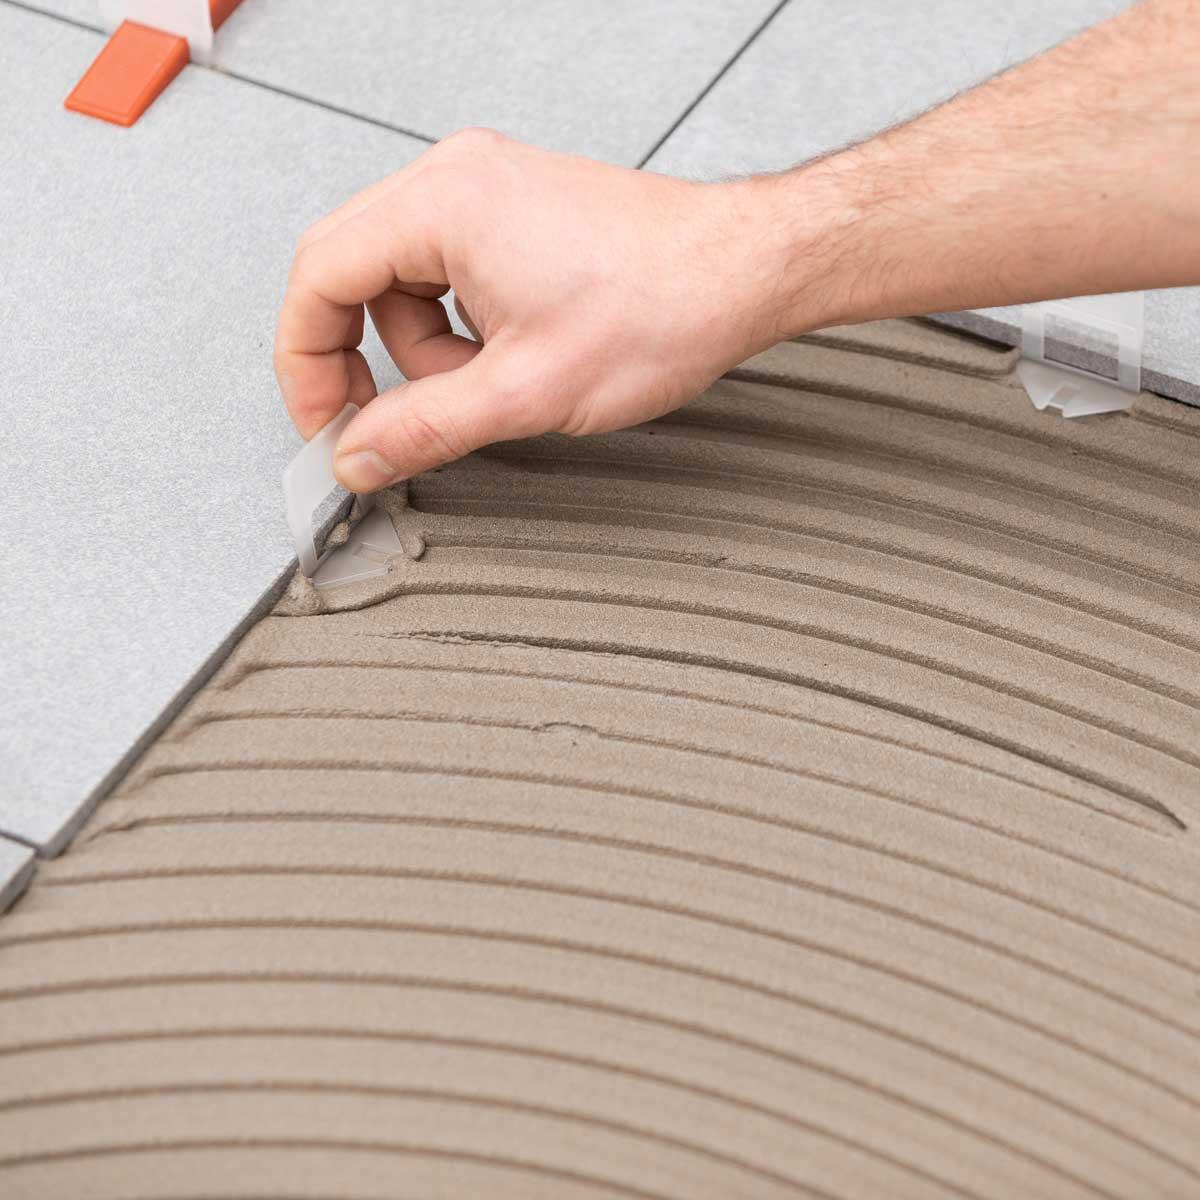 raimondi 1/16in clear clip tile installation